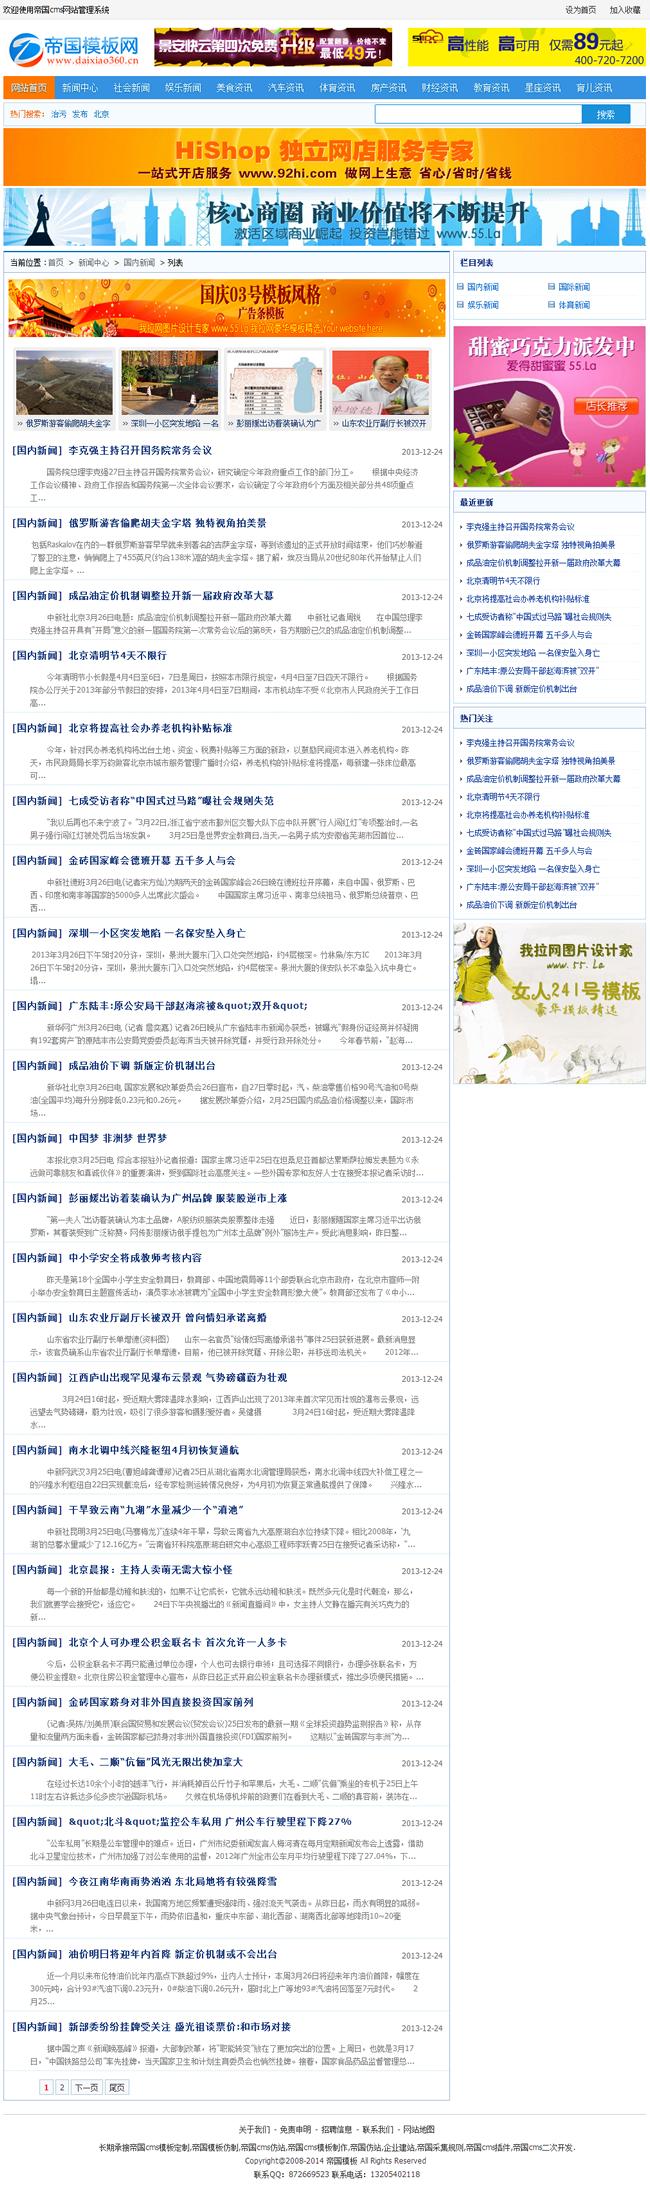 帝国cms蓝色新闻资讯文章下载综合网站模板_新闻列表